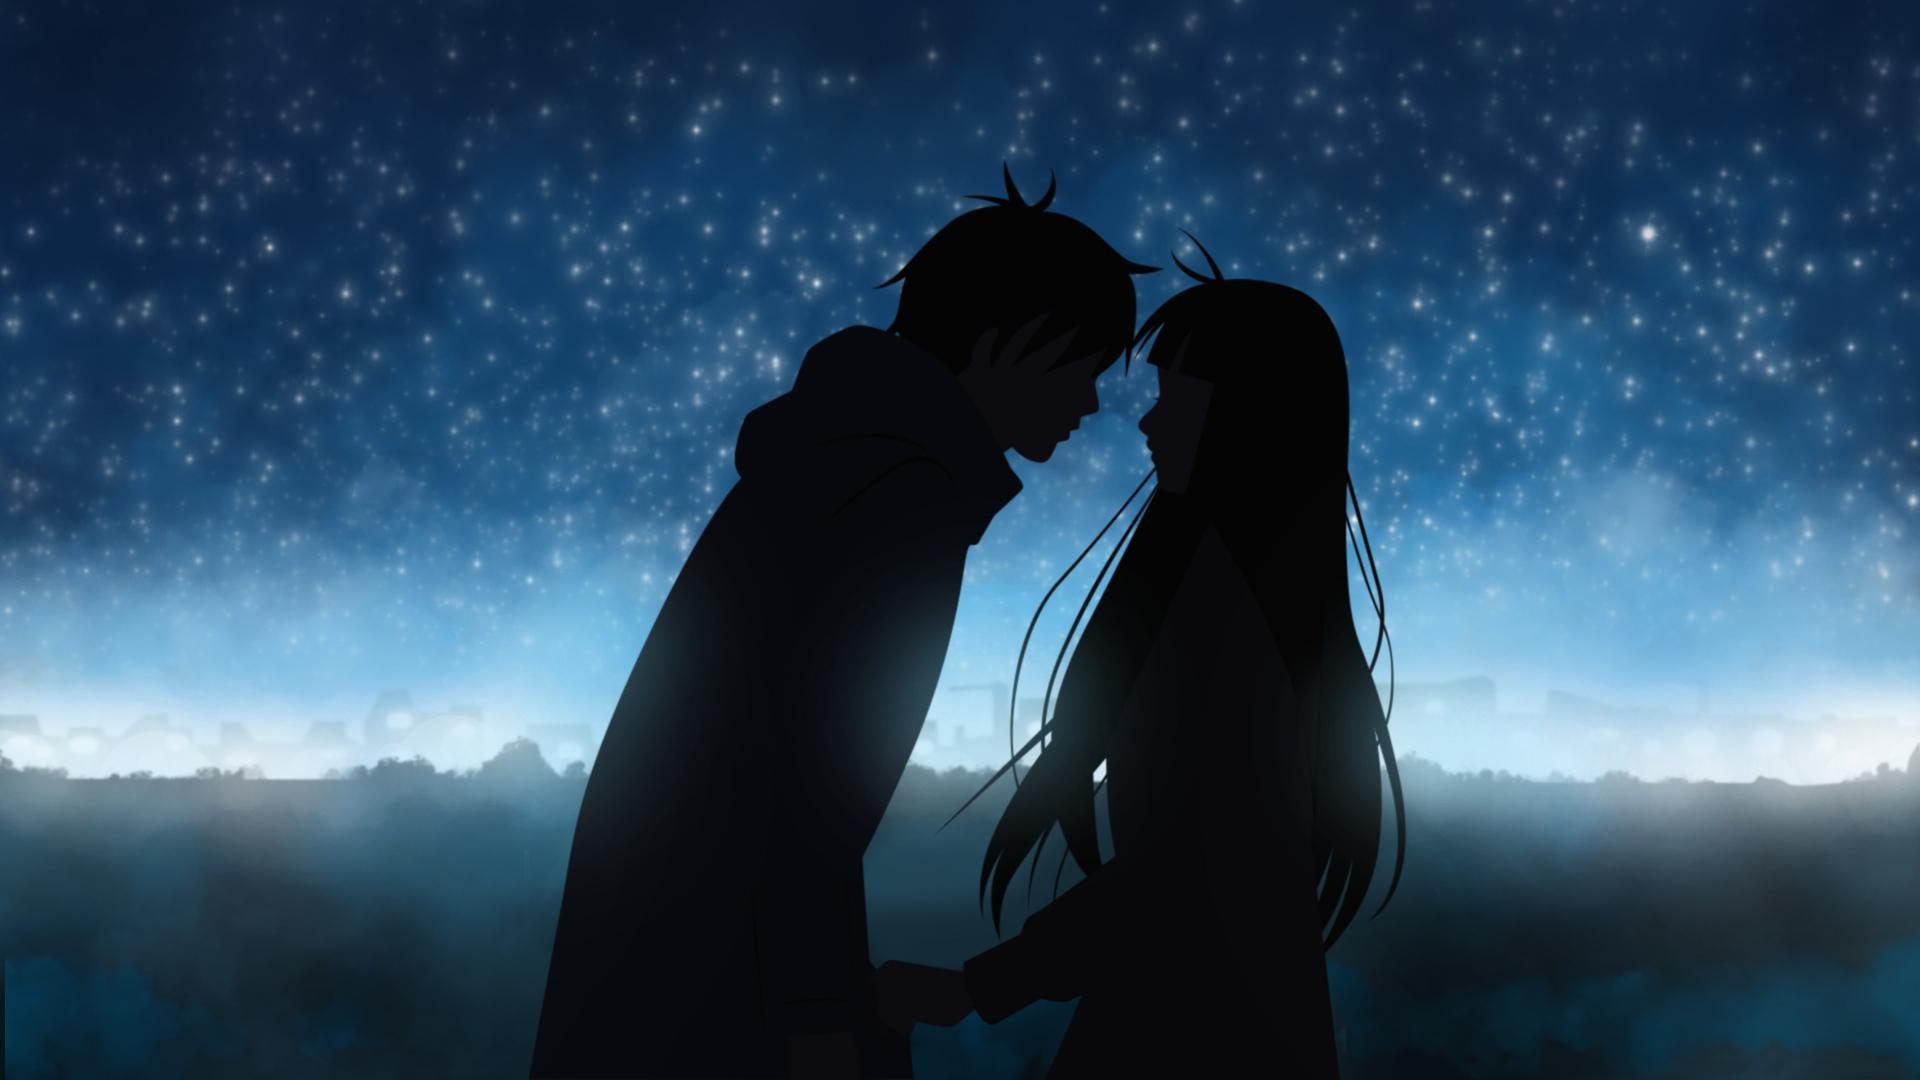 wallpaper.wiki-1920×1080-Romantic-Anime-Wallpaper-PIC-WPD0014699